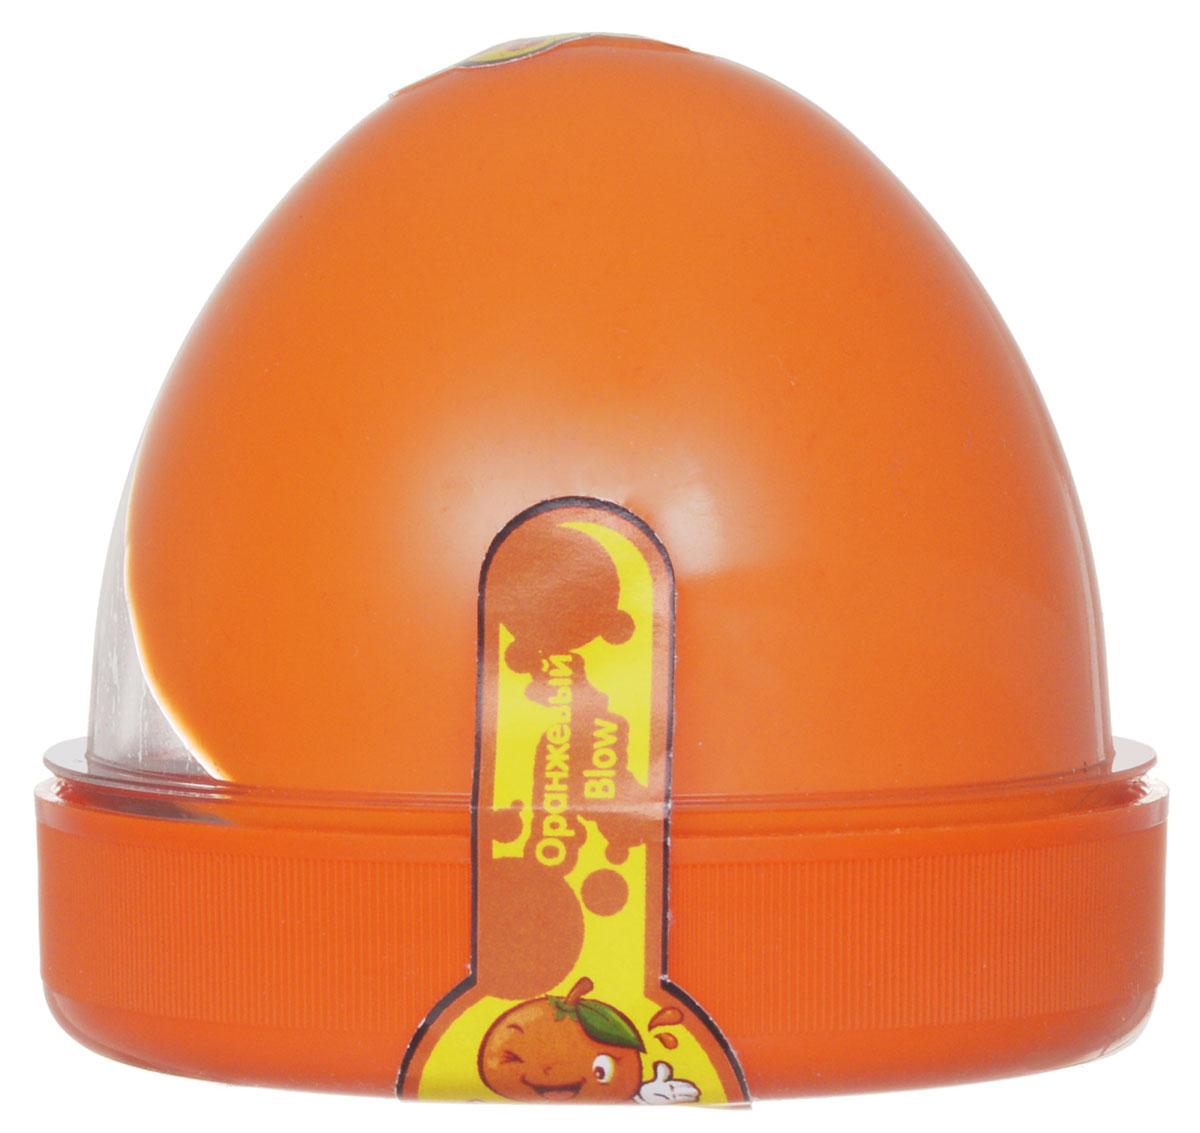 Жвачка для рук ТМ HandGum, цвет: оранжевый, с запахом апельсина, 35 г10208Жвачка для рук Hand Gum оранжевого цвета с запахом апельсина подарит вам позитив и хорошие эмоции. Она радует глаз и дарит нежные тактильные ощущения, способствуя хорошему настроению. Жвачка для рук изготовлена из упругого, пластичного и приятного на ощупь материала, ее можно растягивать, как резину, а если сильно дернуть, то можно порвать. Из нее отлично получаются скульптуры, которые живут считанные минуты, постепенно превращаясь в лужи. Прилепите ее на дверную ручку - и он капнет, скатайте шарик и ударьте об пол - он подпрыгнет. Кубик, кстати, тоже подпрыгнет, но совсем не туда, куда ожидается.